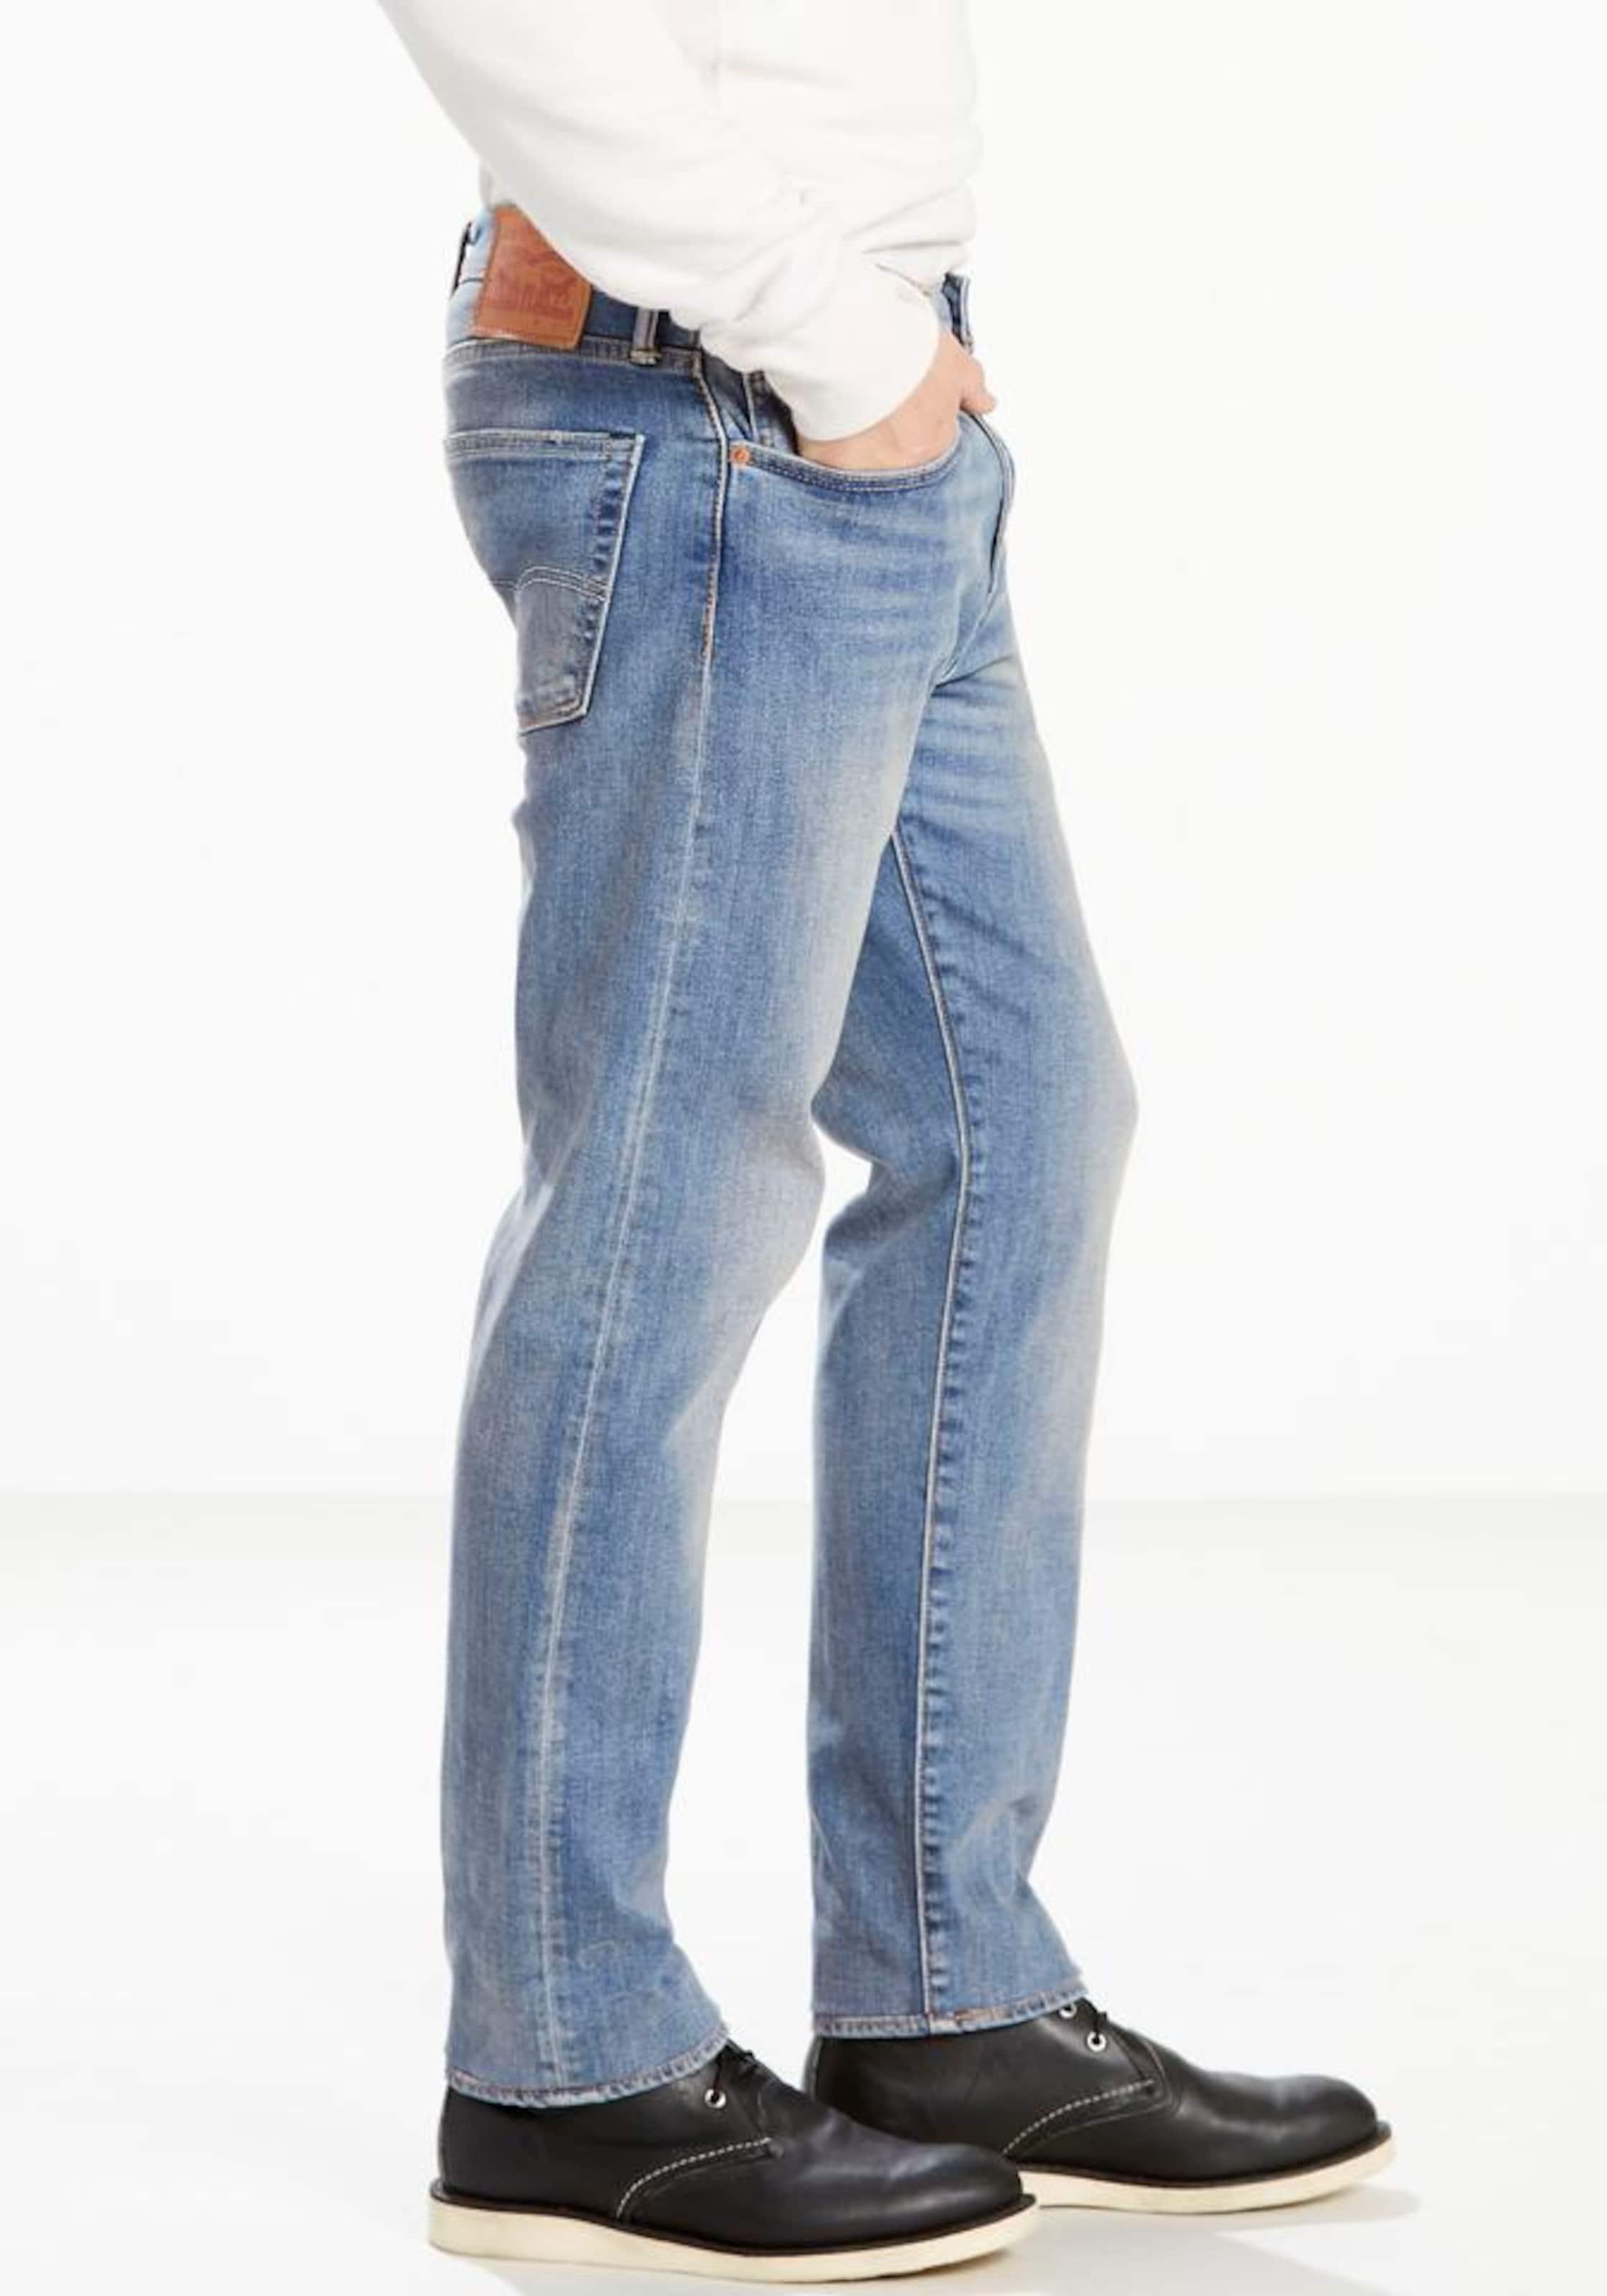 Niedriger Preis Versandgebühr Footlocker Zum Verkauf LEVI'S Stretch-Jeans '502�?#x27; 4XJR0qH4e